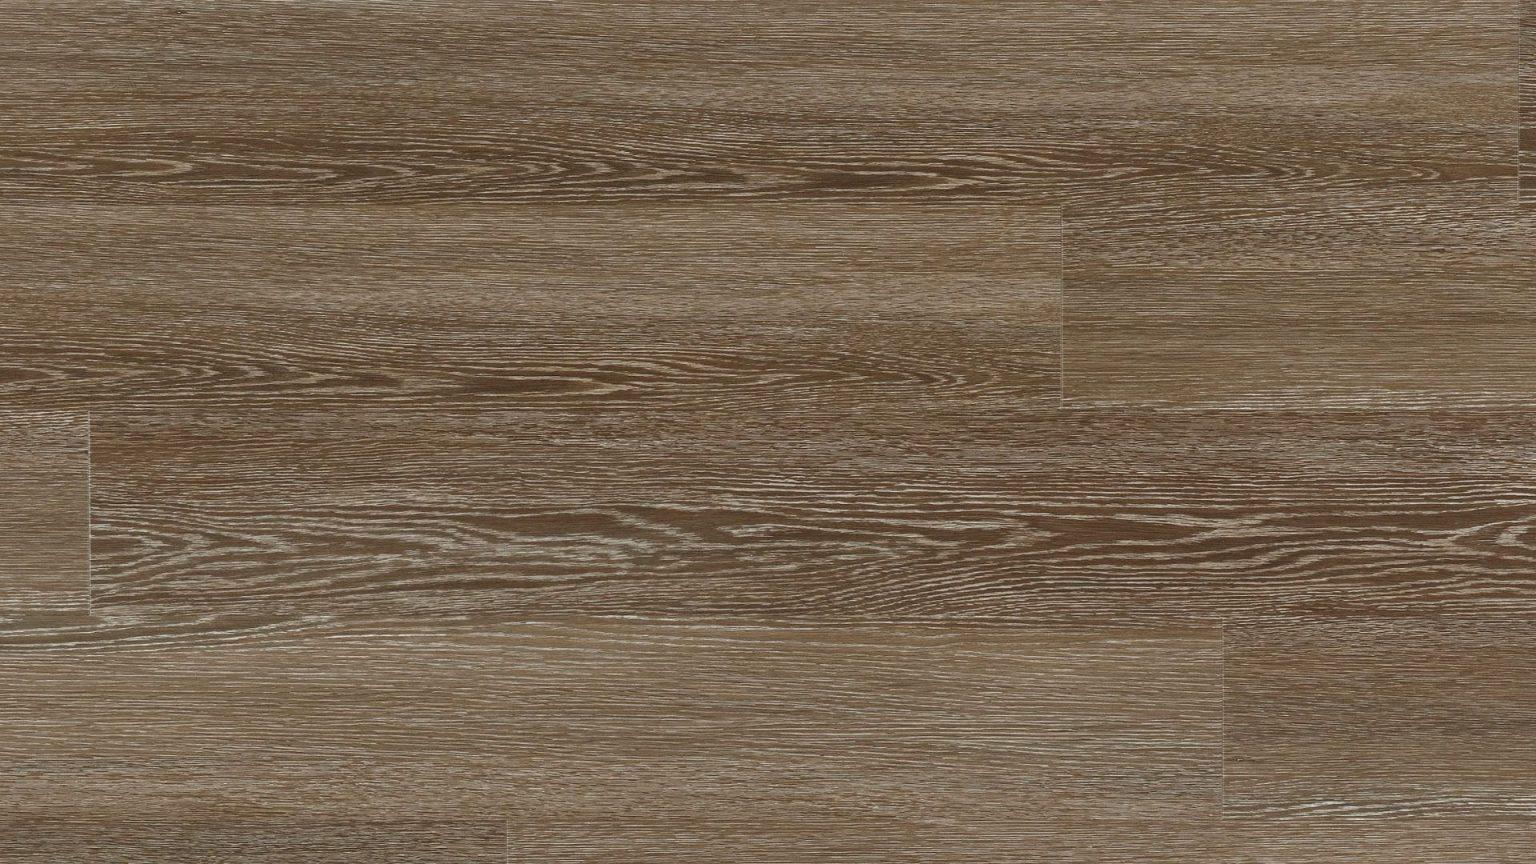 Montreal 50 LVRE 131 / COREtec® authentics wood